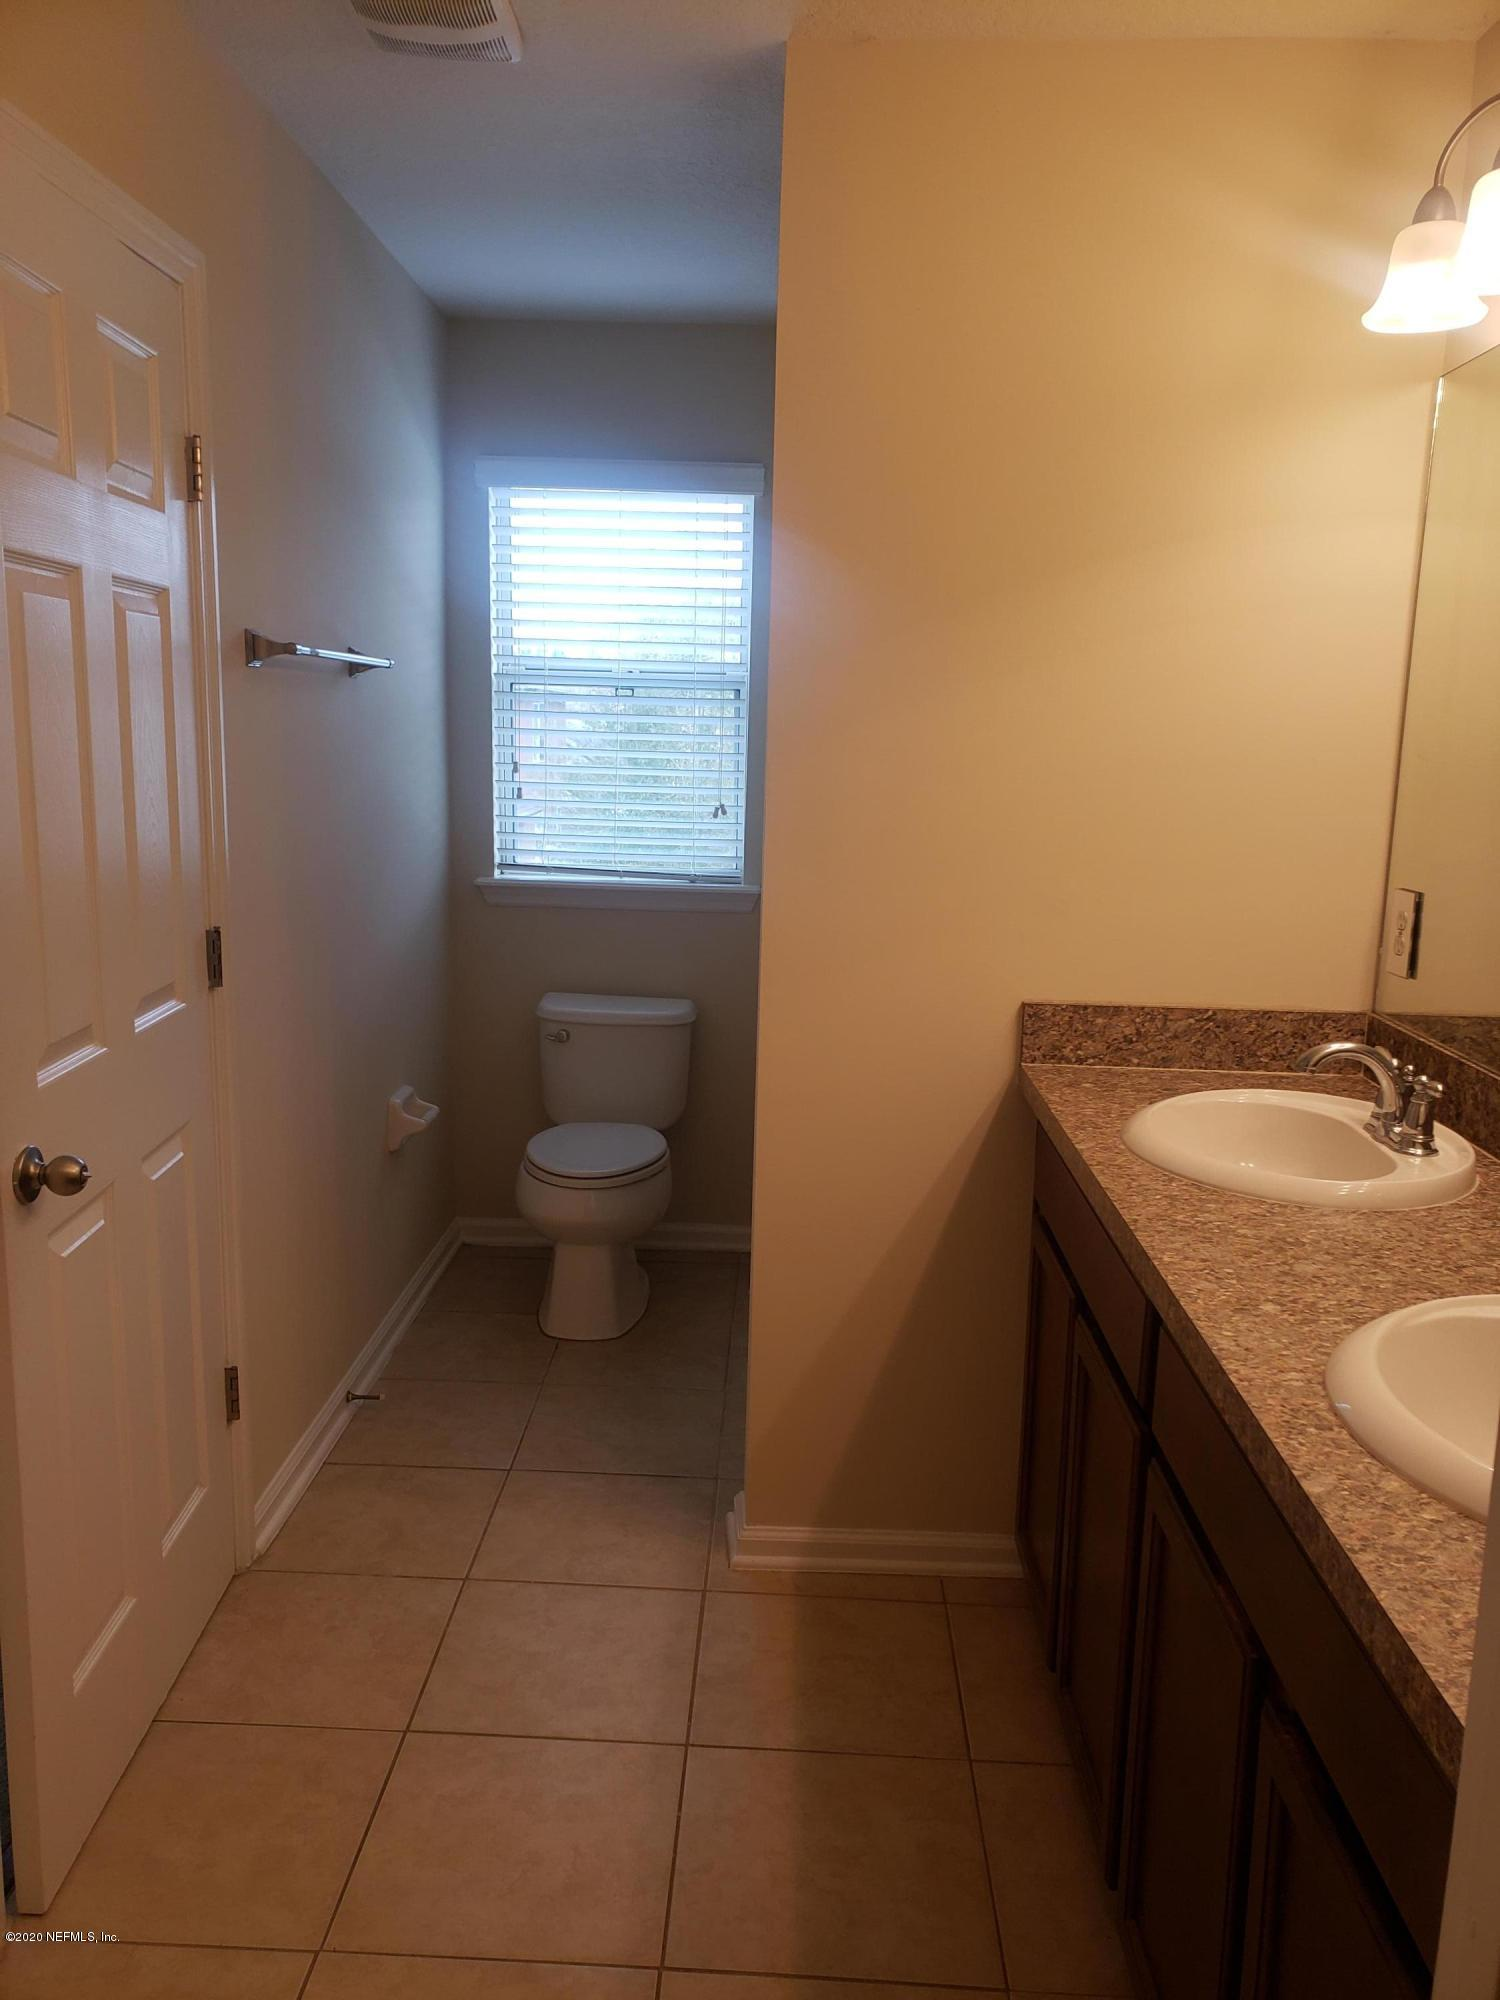 3839 AUBREY, ORANGE PARK, FLORIDA 32065, 3 Bedrooms Bedrooms, ,2 BathroomsBathrooms,Rental,For Rent,AUBREY,1079633